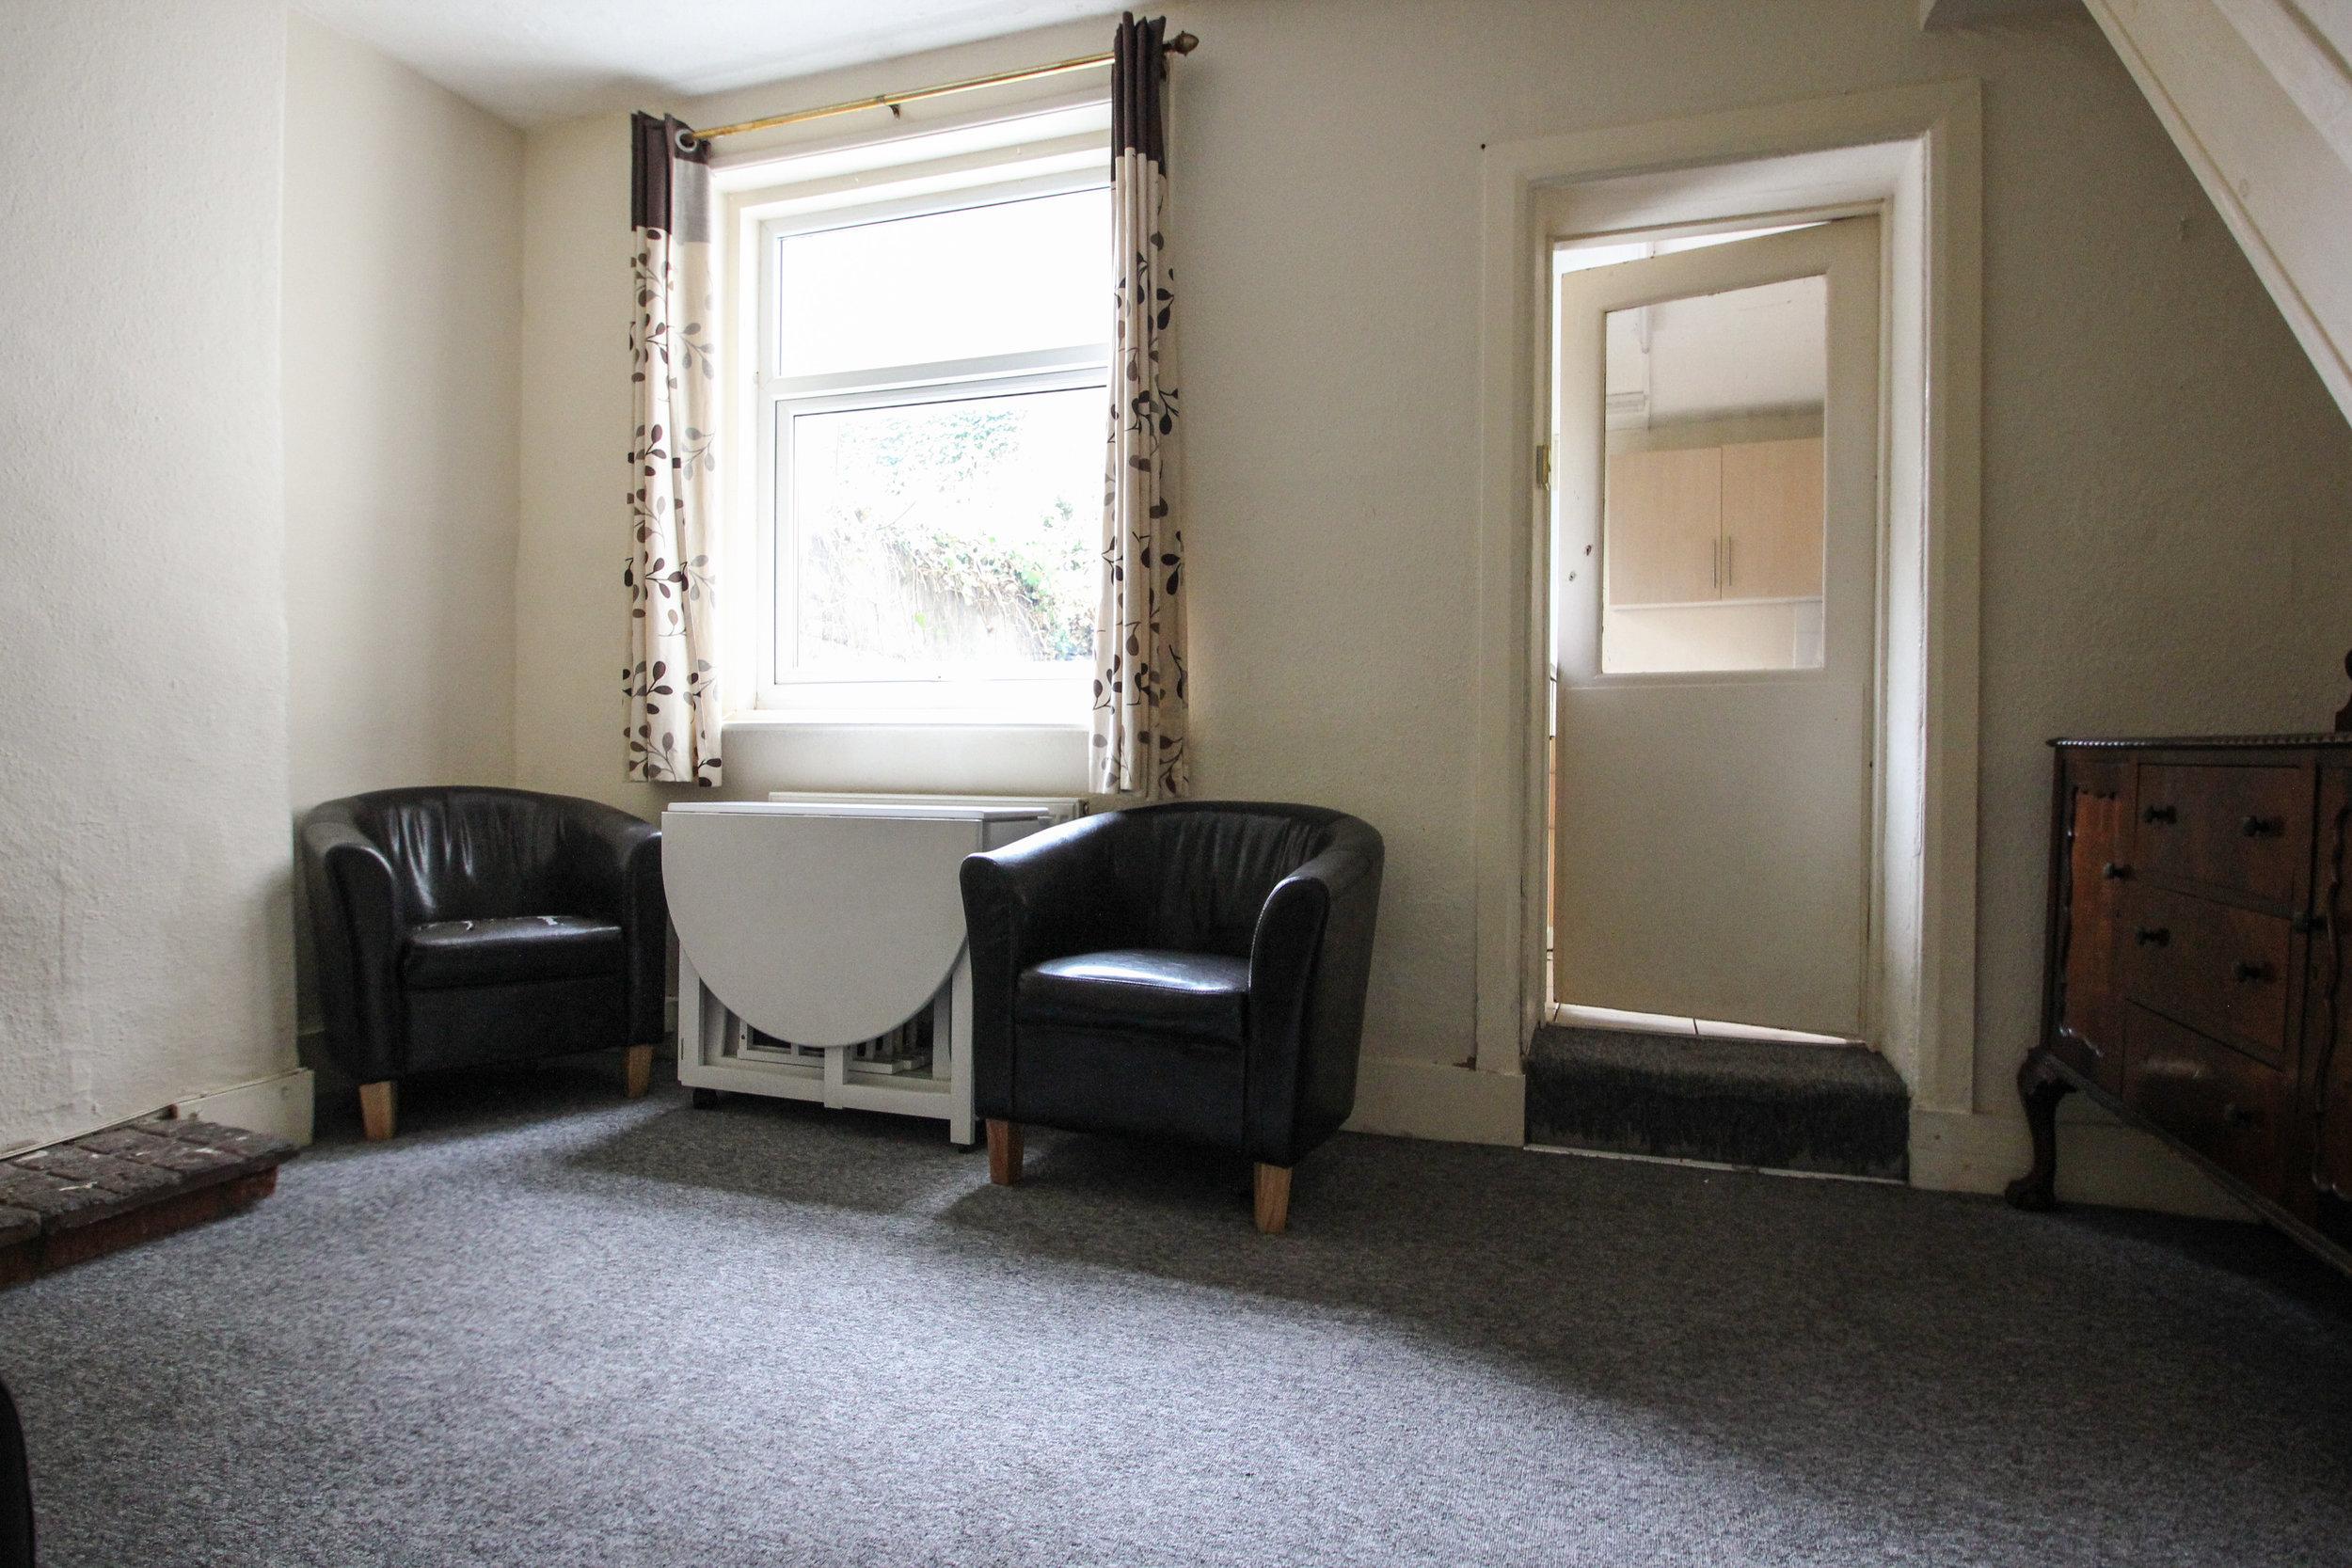 IMG_7321_edited.jpg living room 1.jpg